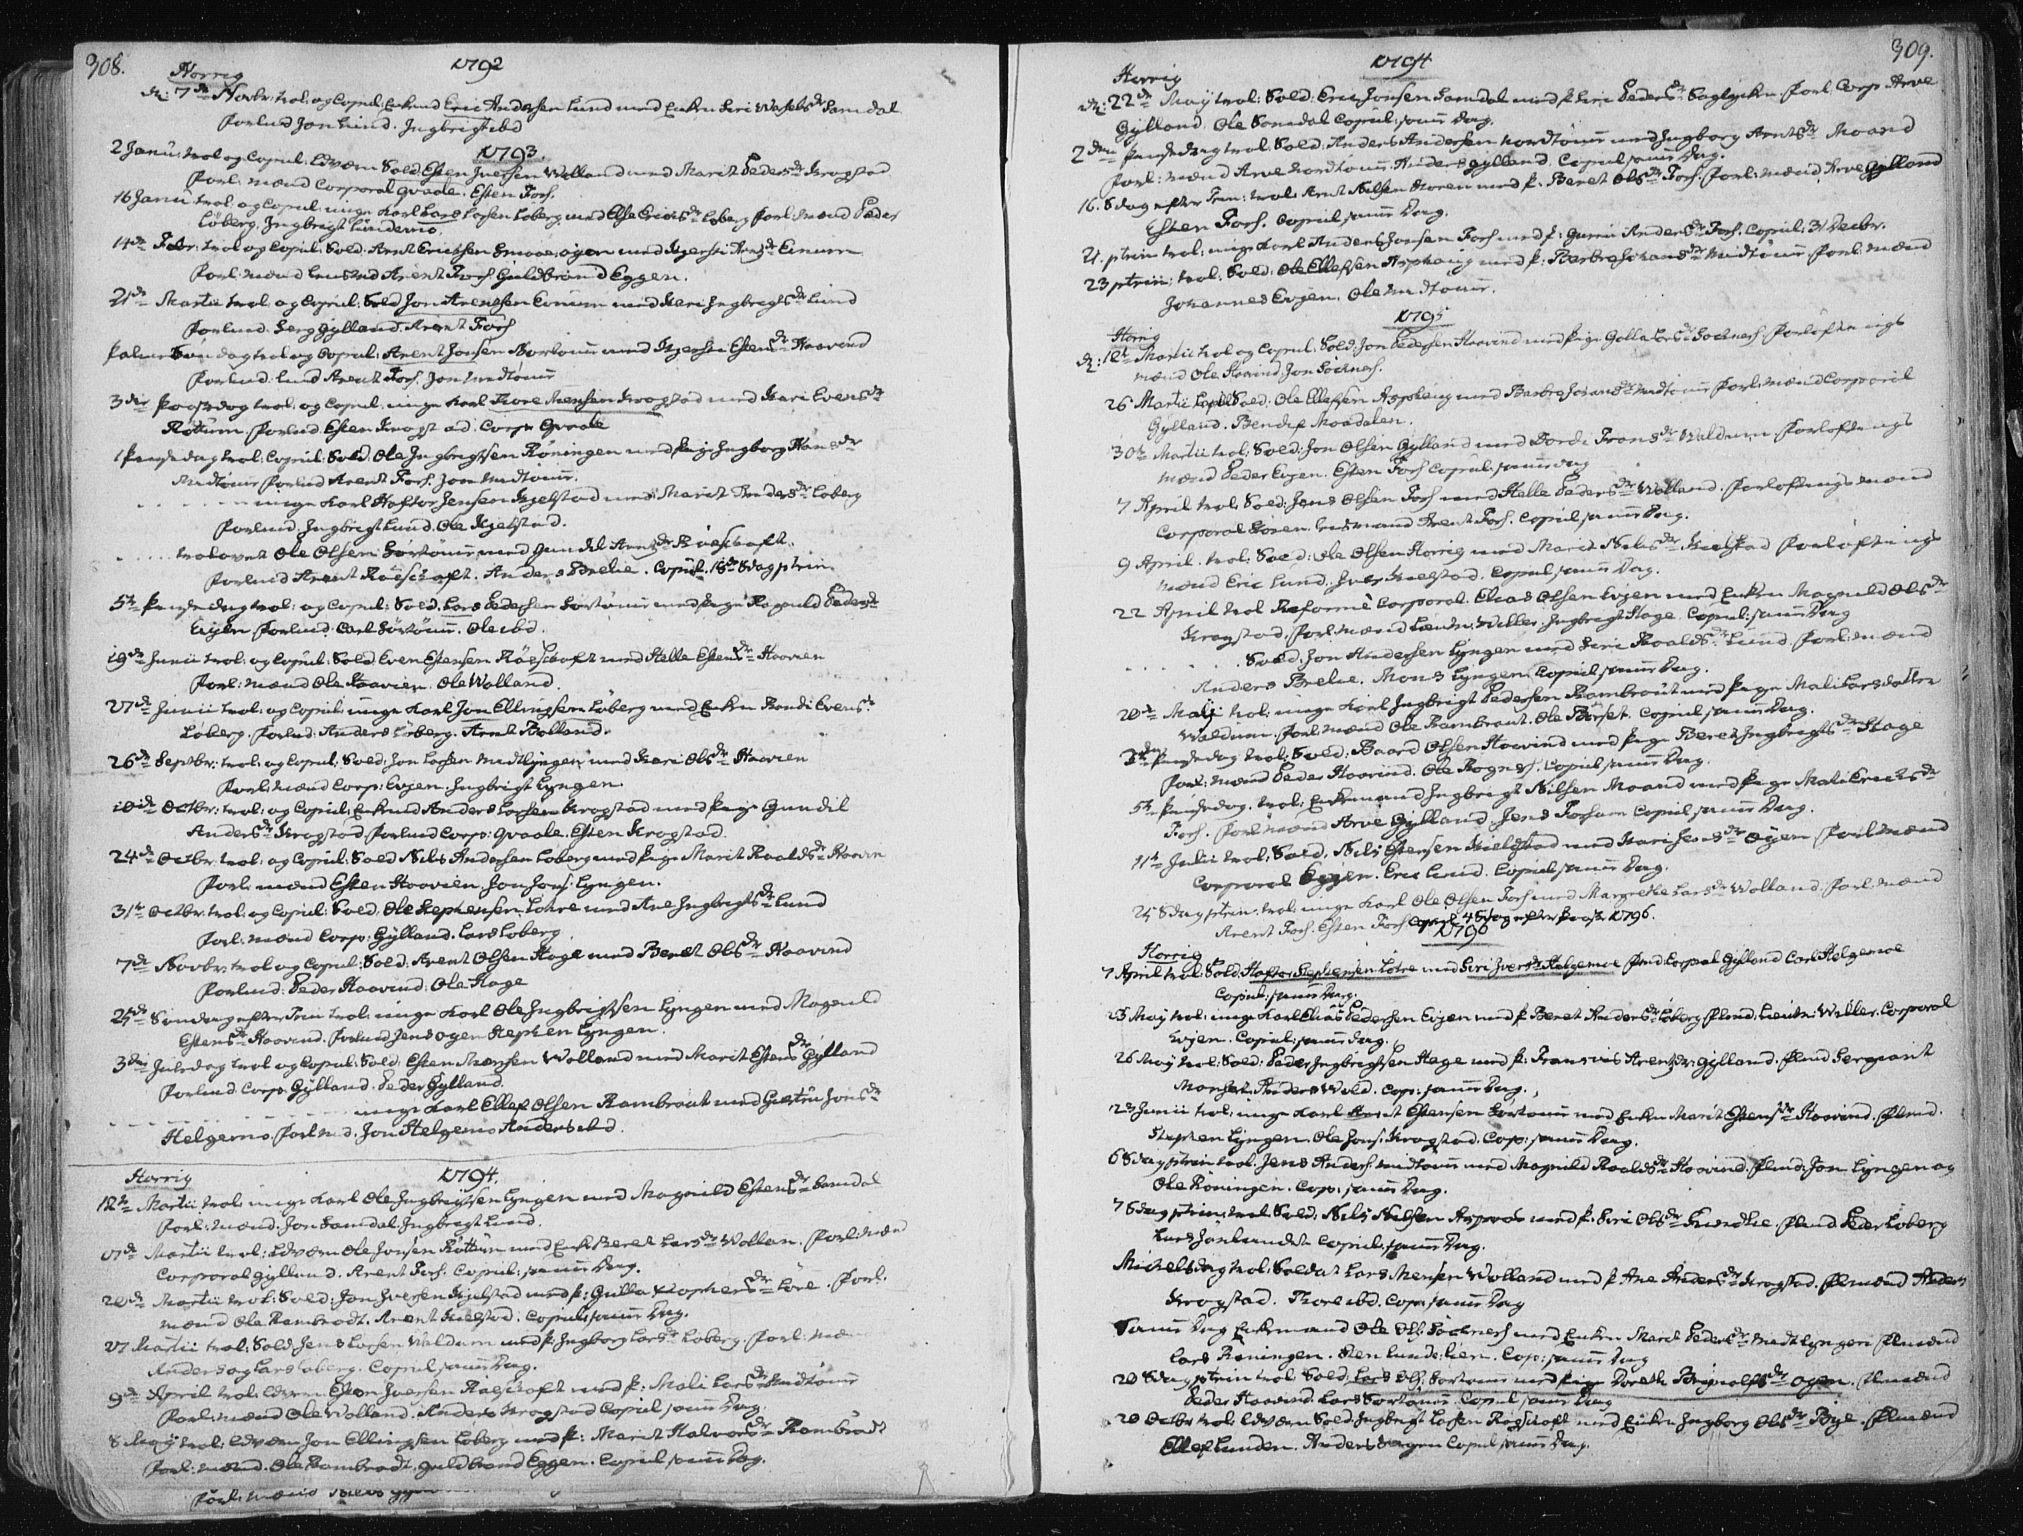 SAT, Ministerialprotokoller, klokkerbøker og fødselsregistre - Sør-Trøndelag, 687/L0992: Ministerialbok nr. 687A03 /1, 1788-1815, s. 308-309